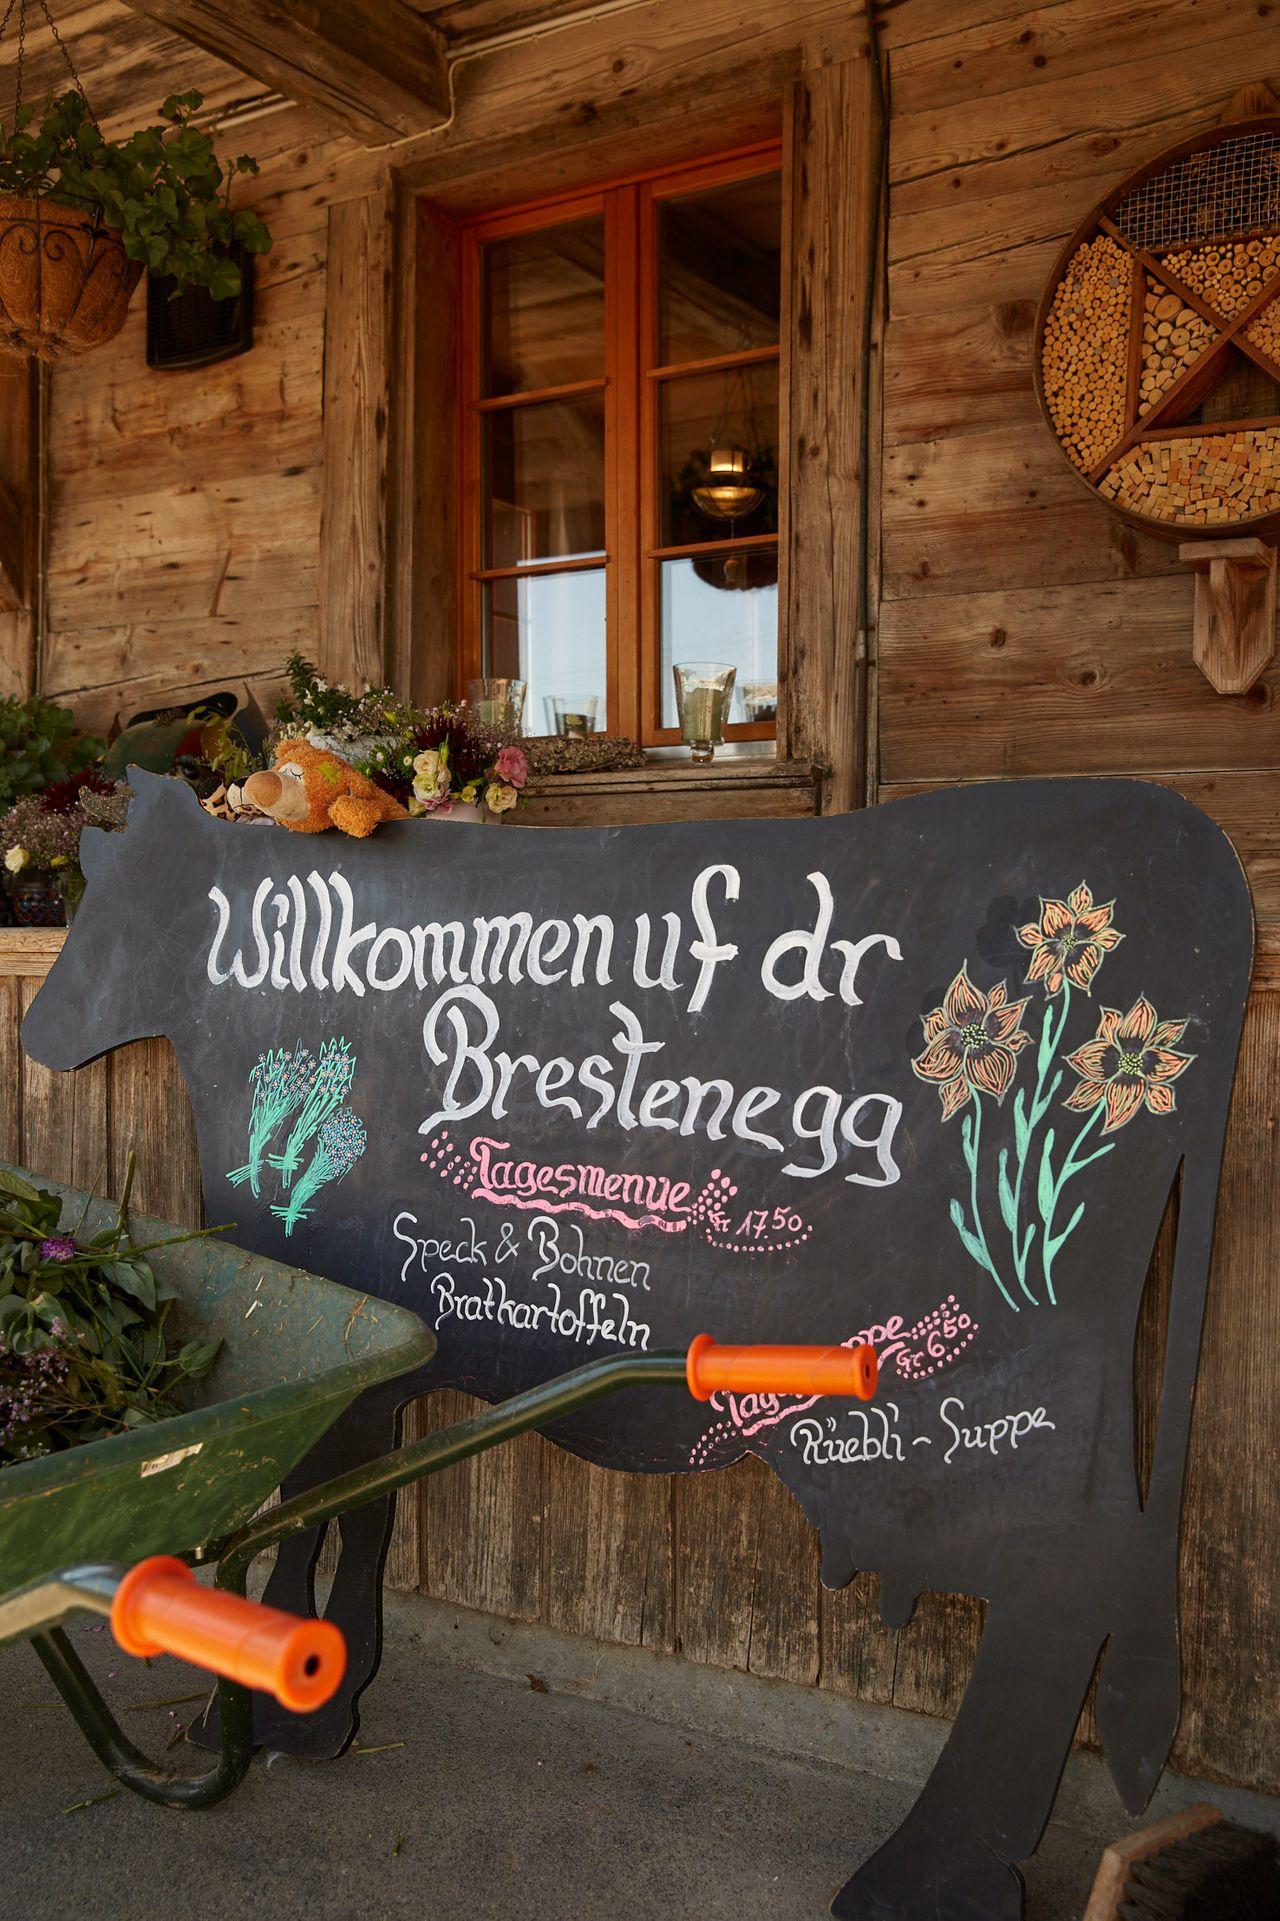 Brestenegg-Alp